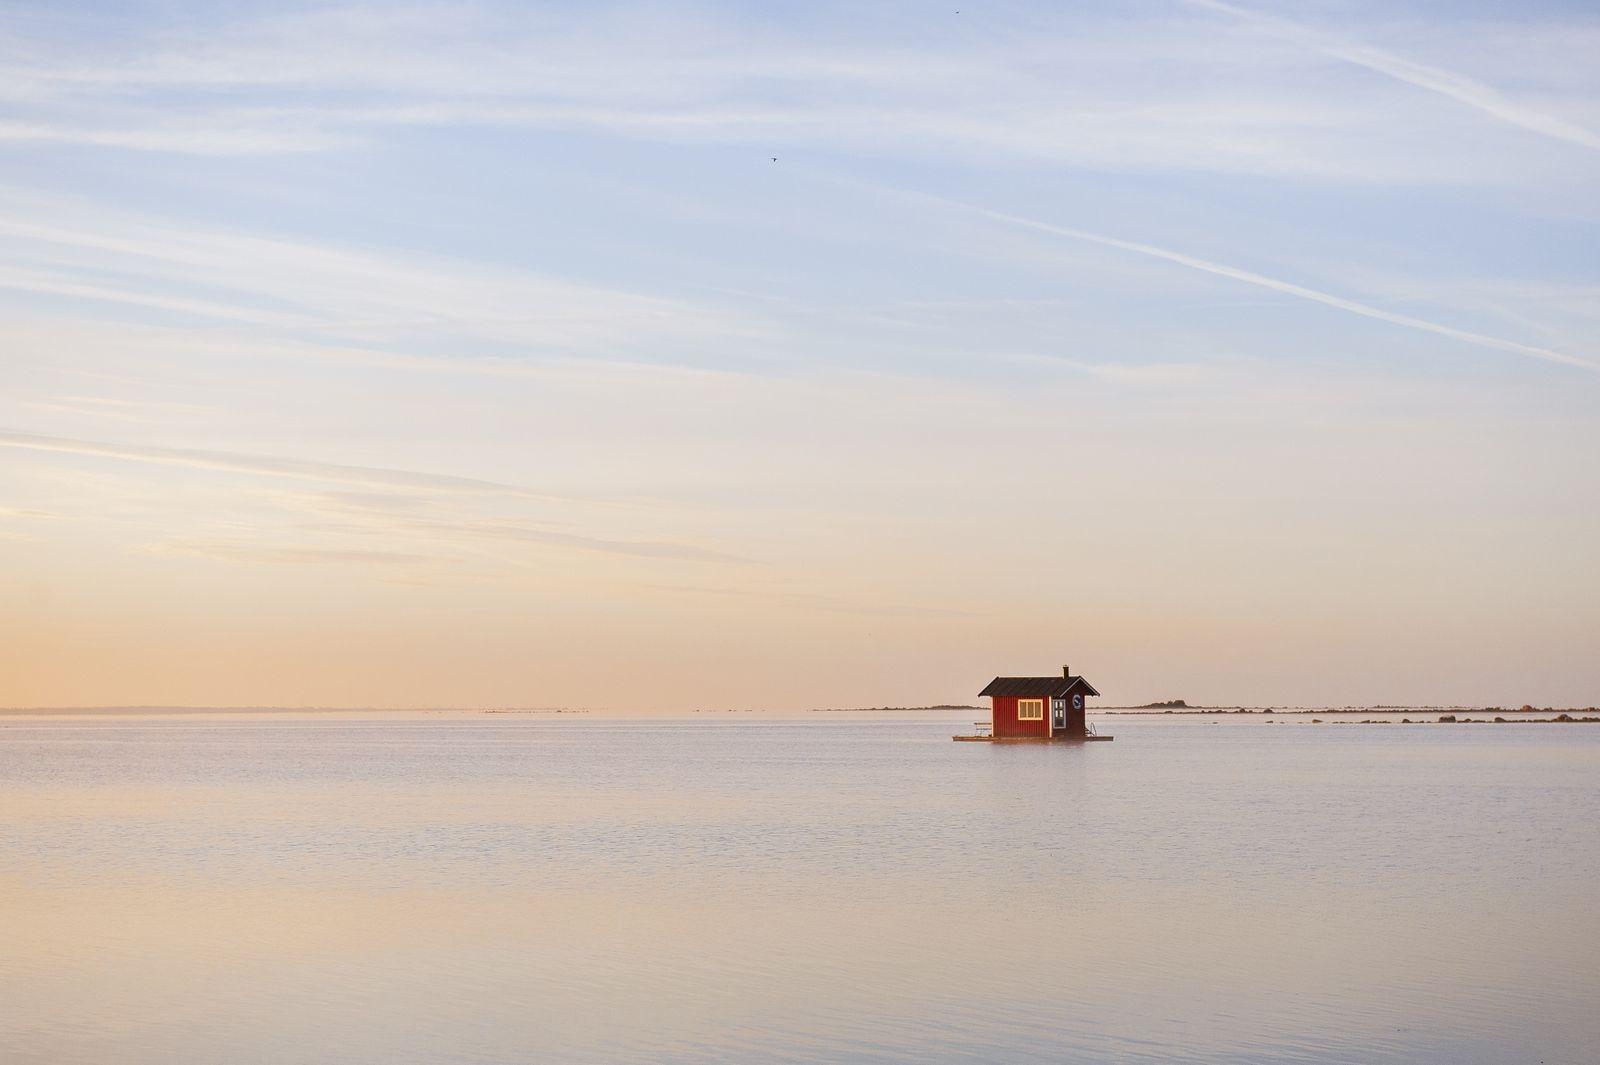 Den här lilla husbåten finns i Bottorps hamn, en bild tagen av Fredrik Lindström i Vassmolösa.